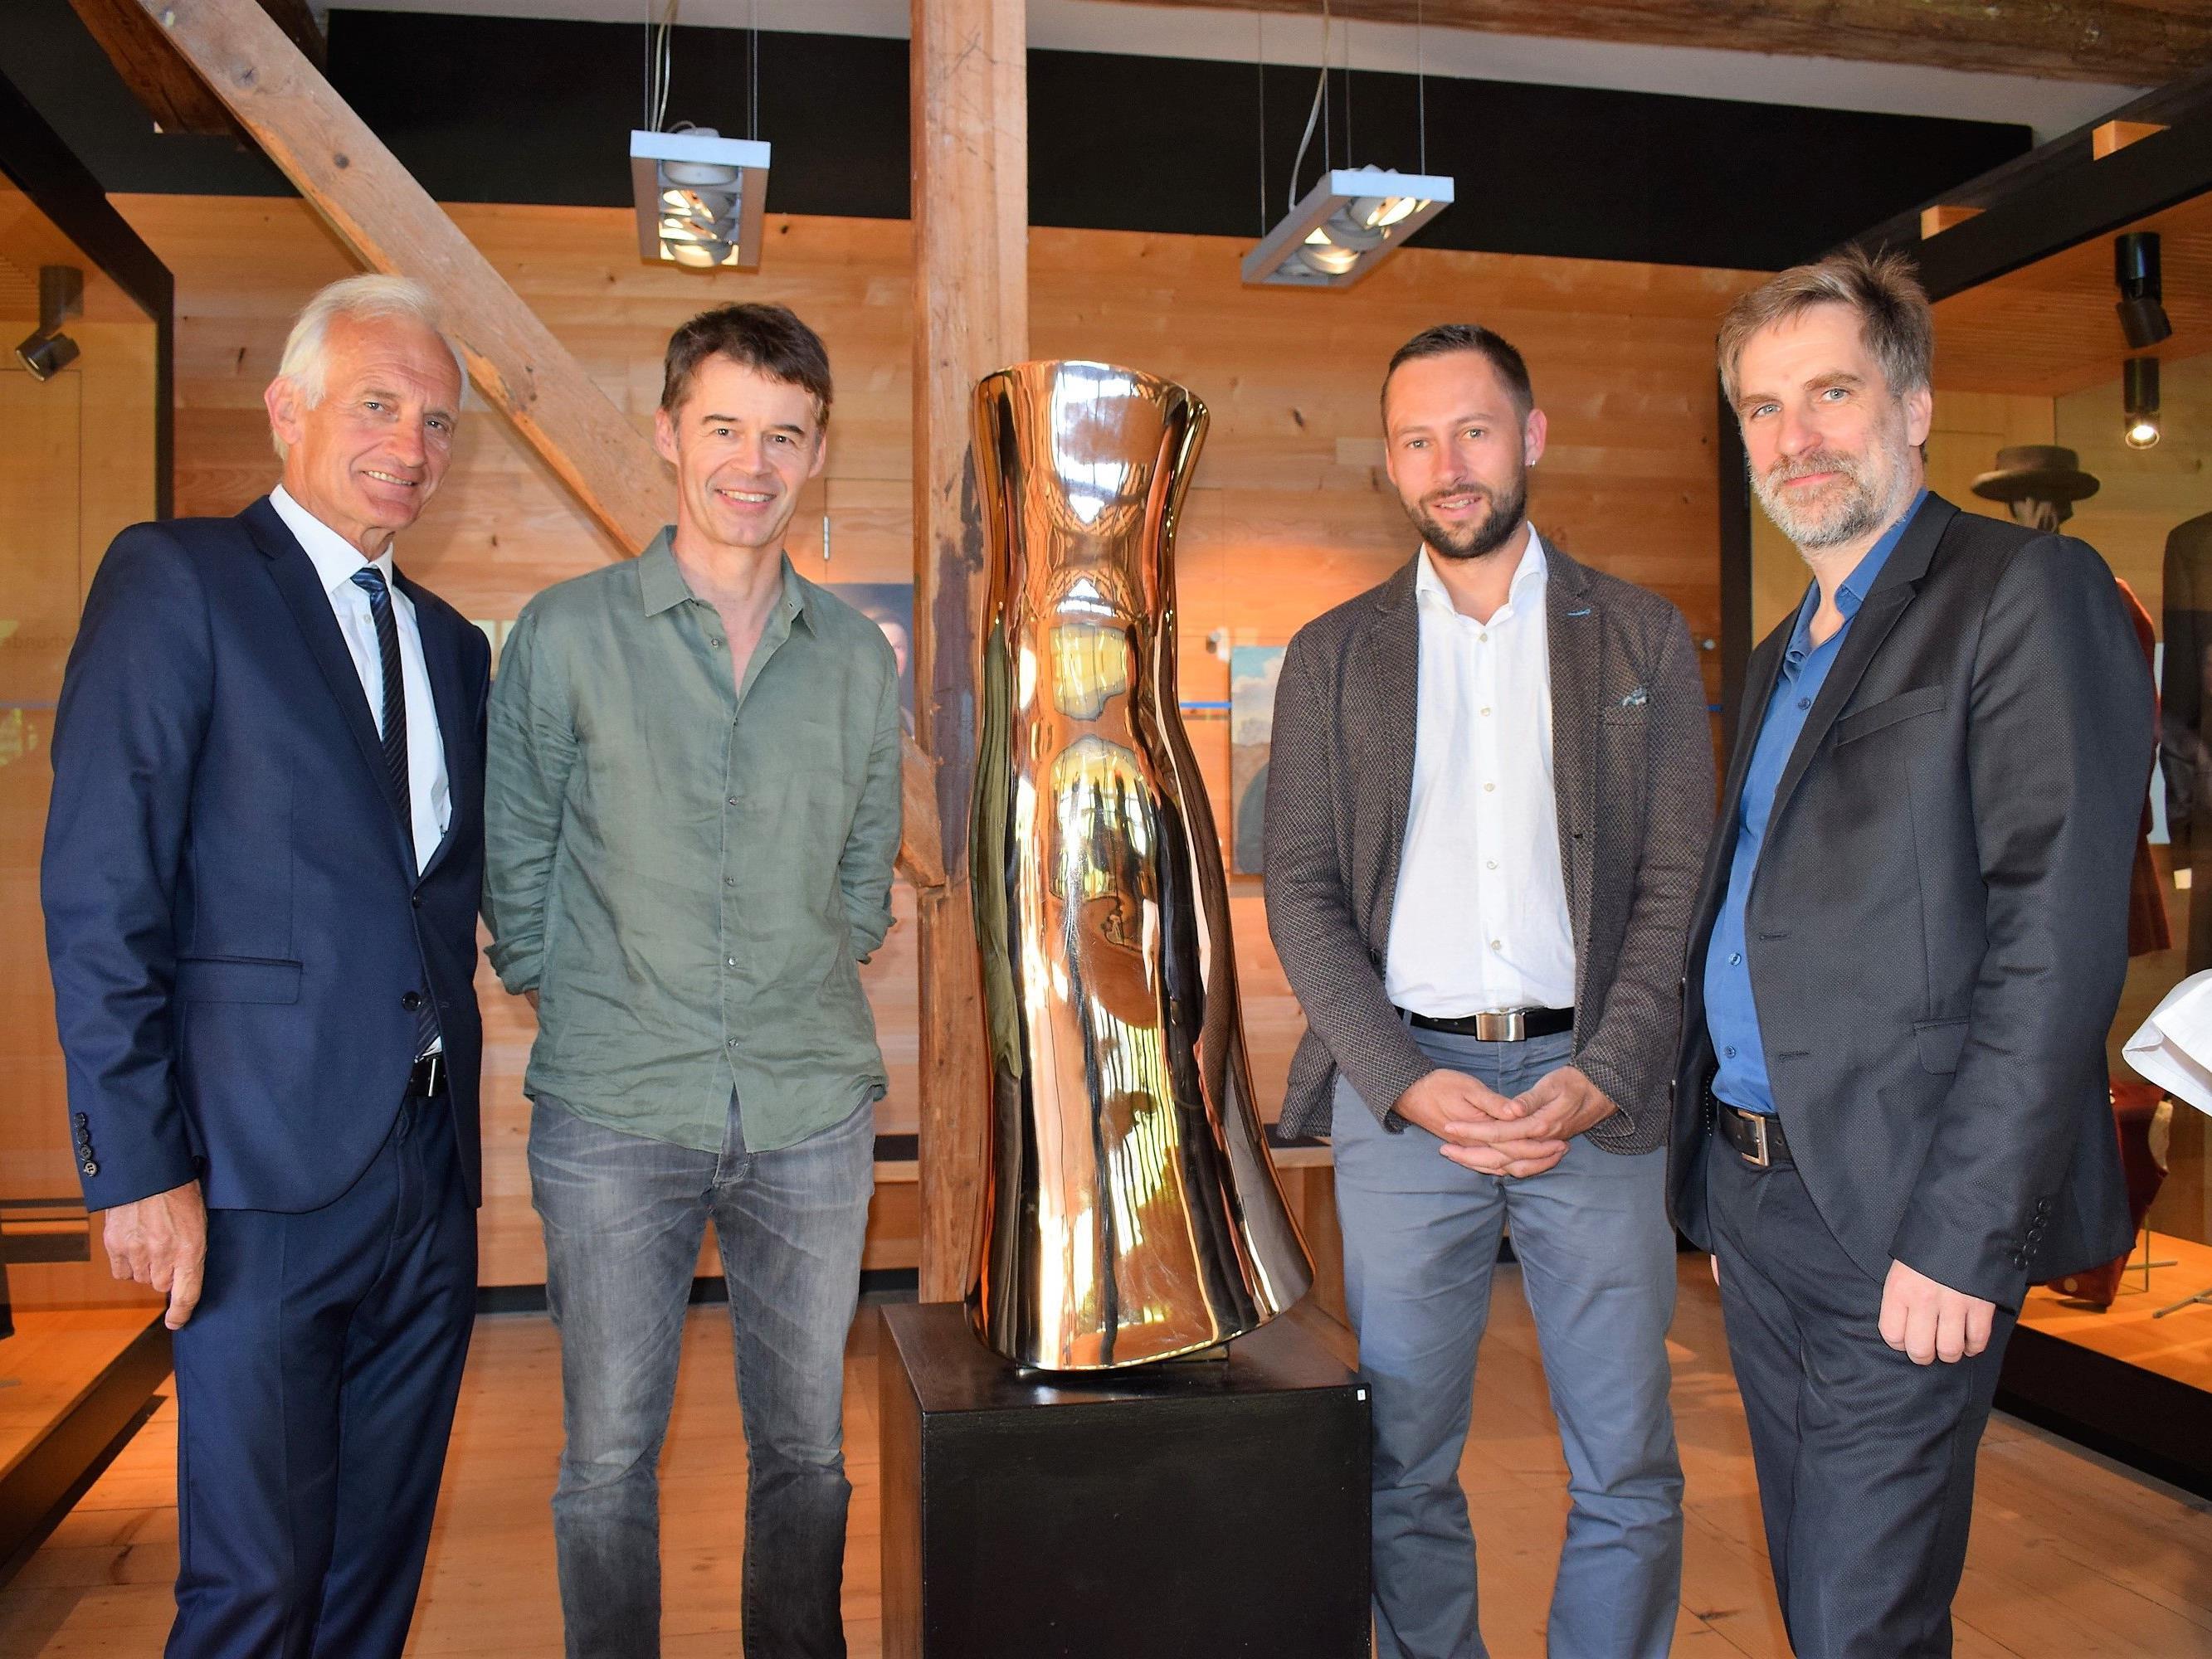 Obmann Herbert Dorn, Künstler Albrecht Zauner, Bgm. Ulrich Schmelzenbach und Dr. Winfried Nußbaummüller.